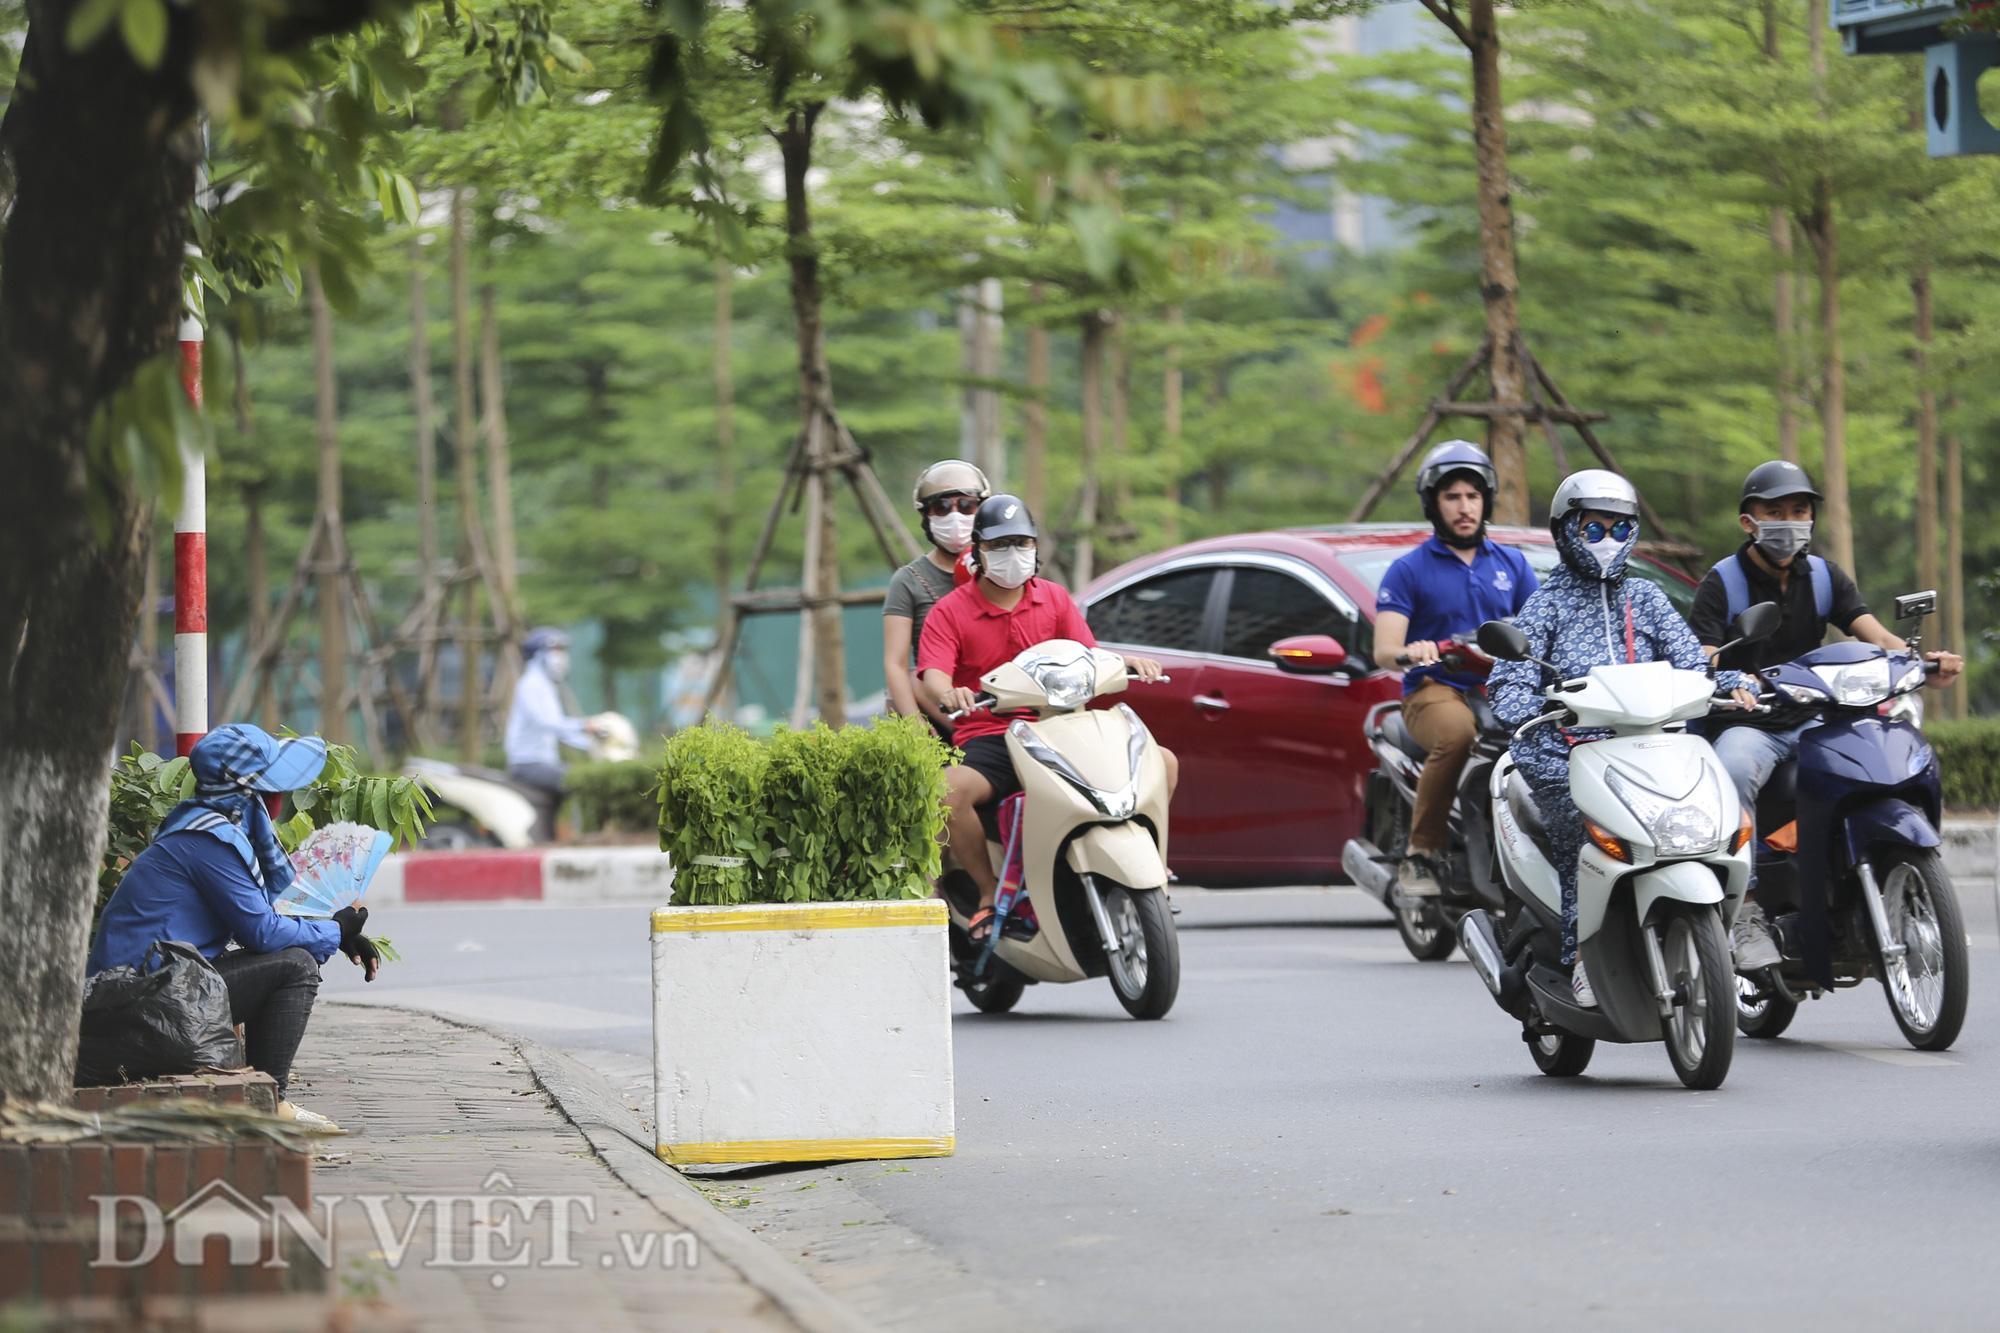 """Đặc sản rau rừng """"bò khai Tây Bắc"""" đổ về Hà Nội, 50.000 đồng/bó vẫn hút khách - Ảnh 1."""